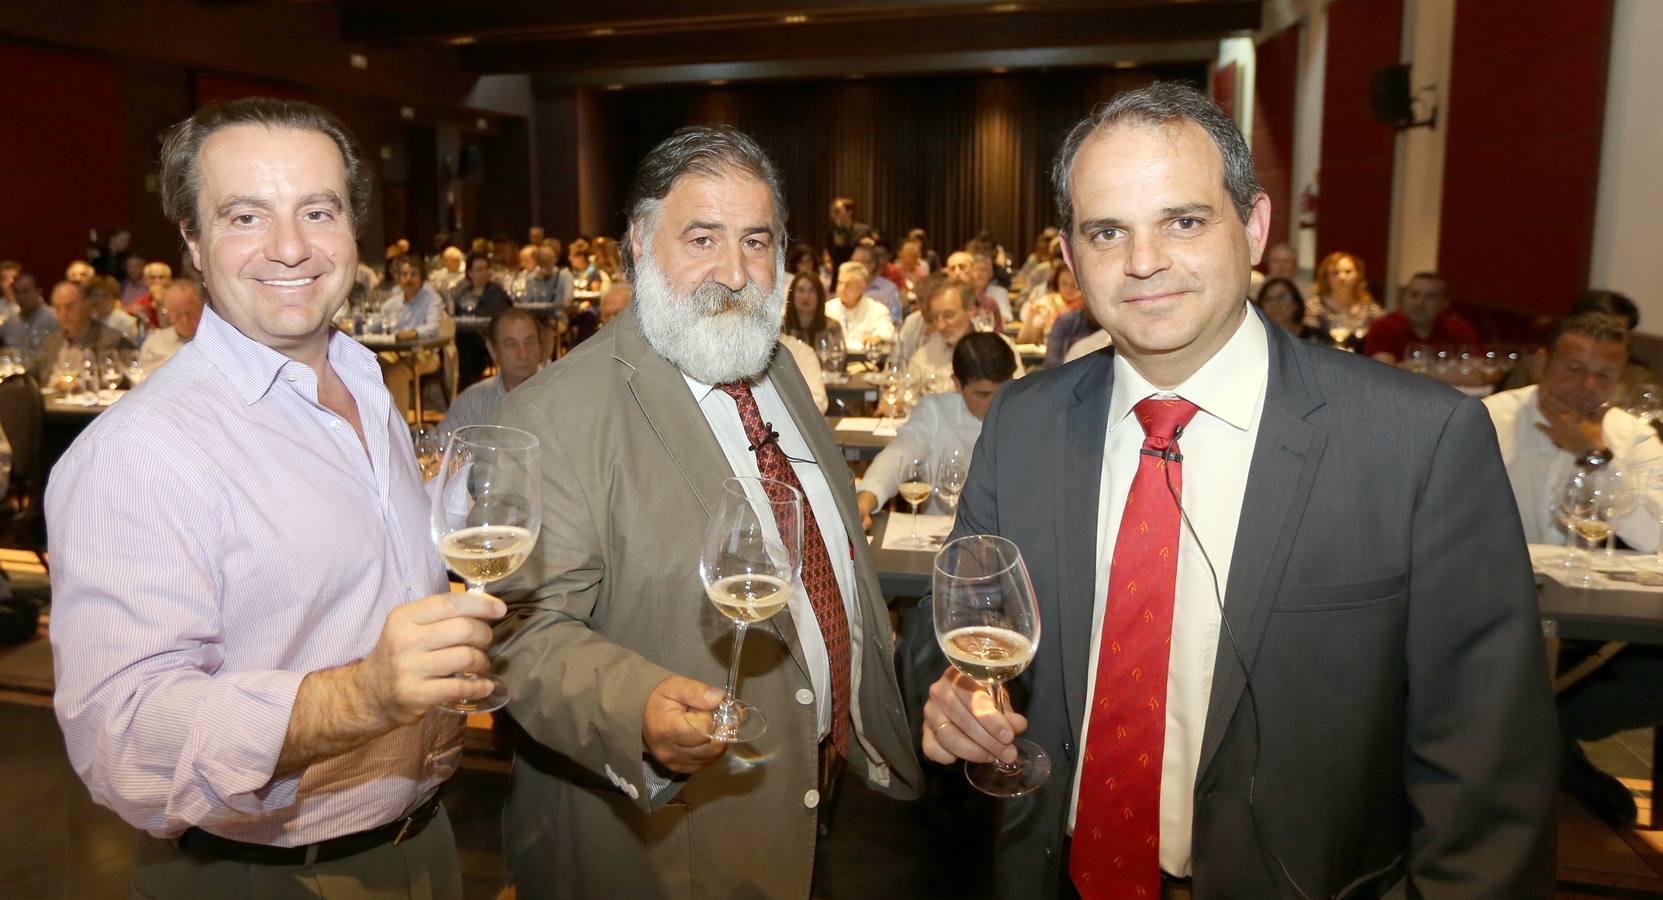 Cata de vinos del Grupo Freixenet con el Club de Catas de El Norte de Castilla